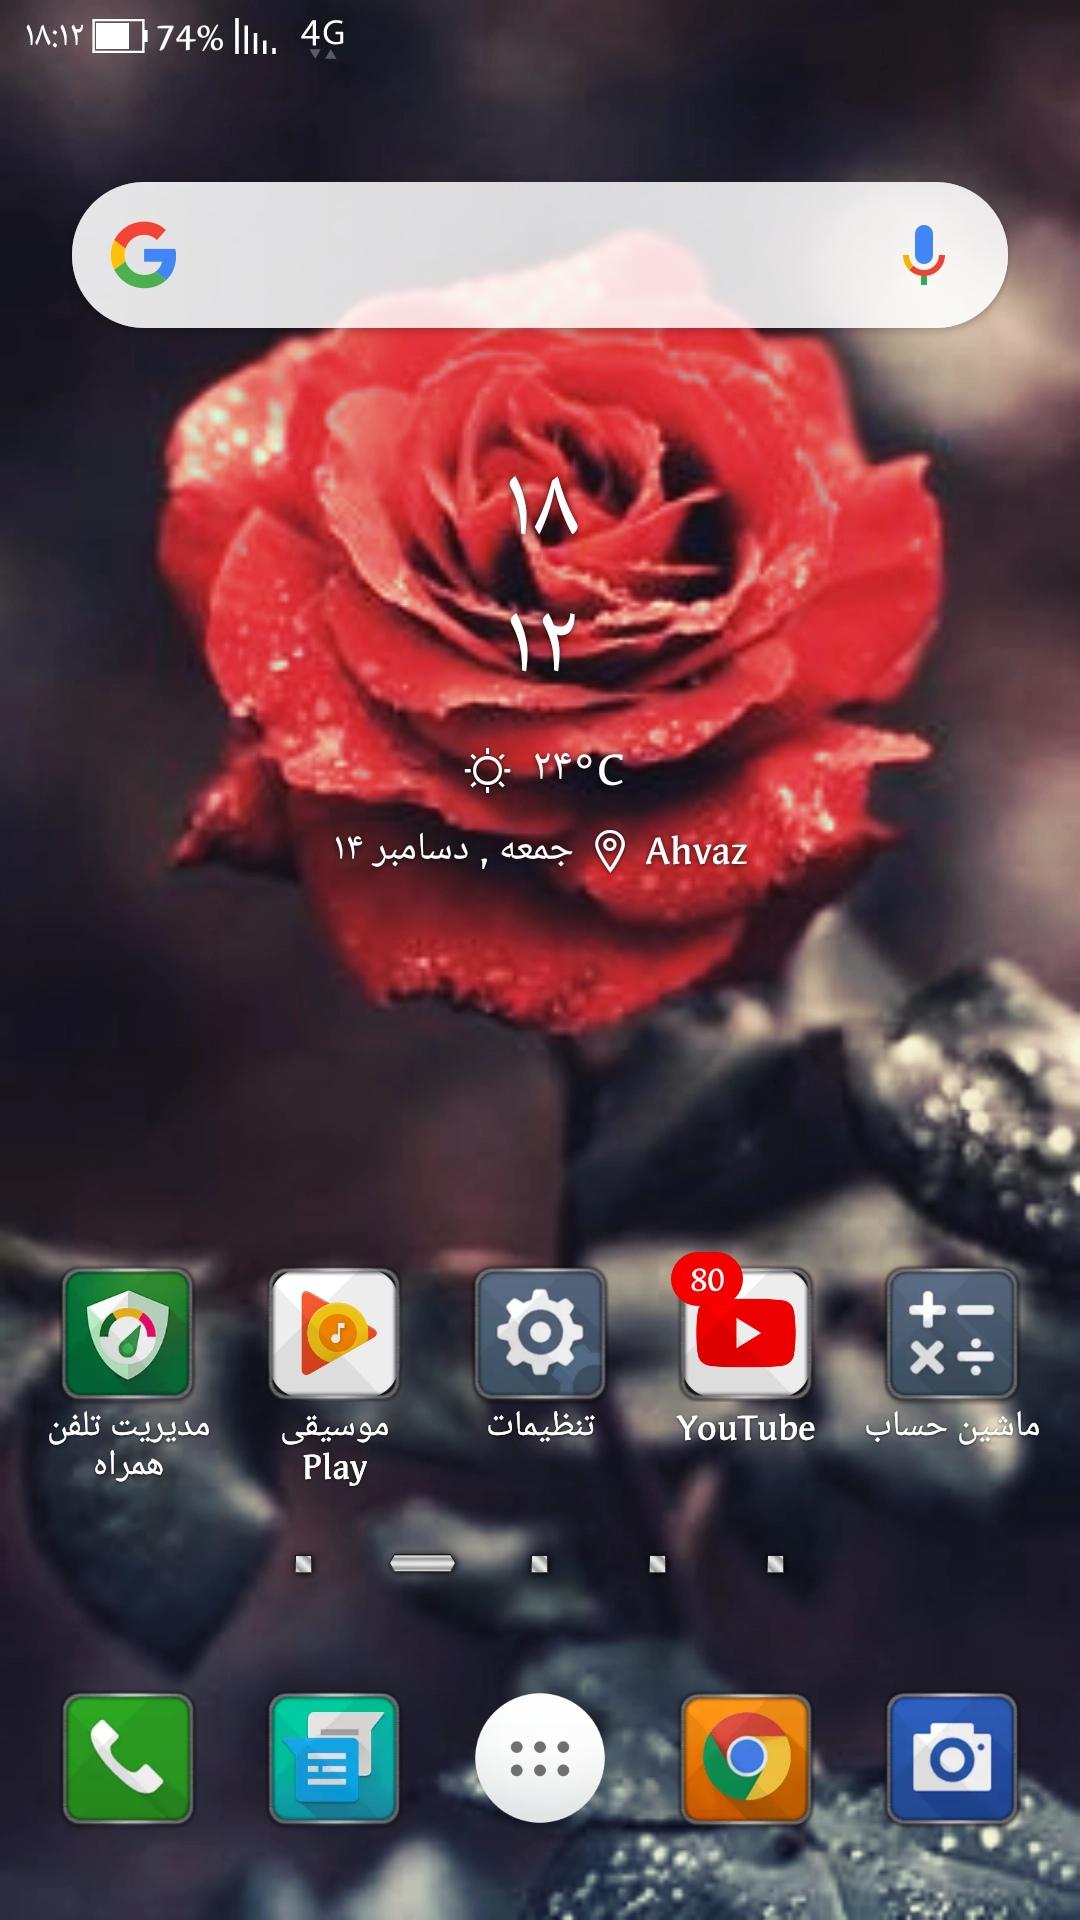 Screenshot_20181214_181248.jpg